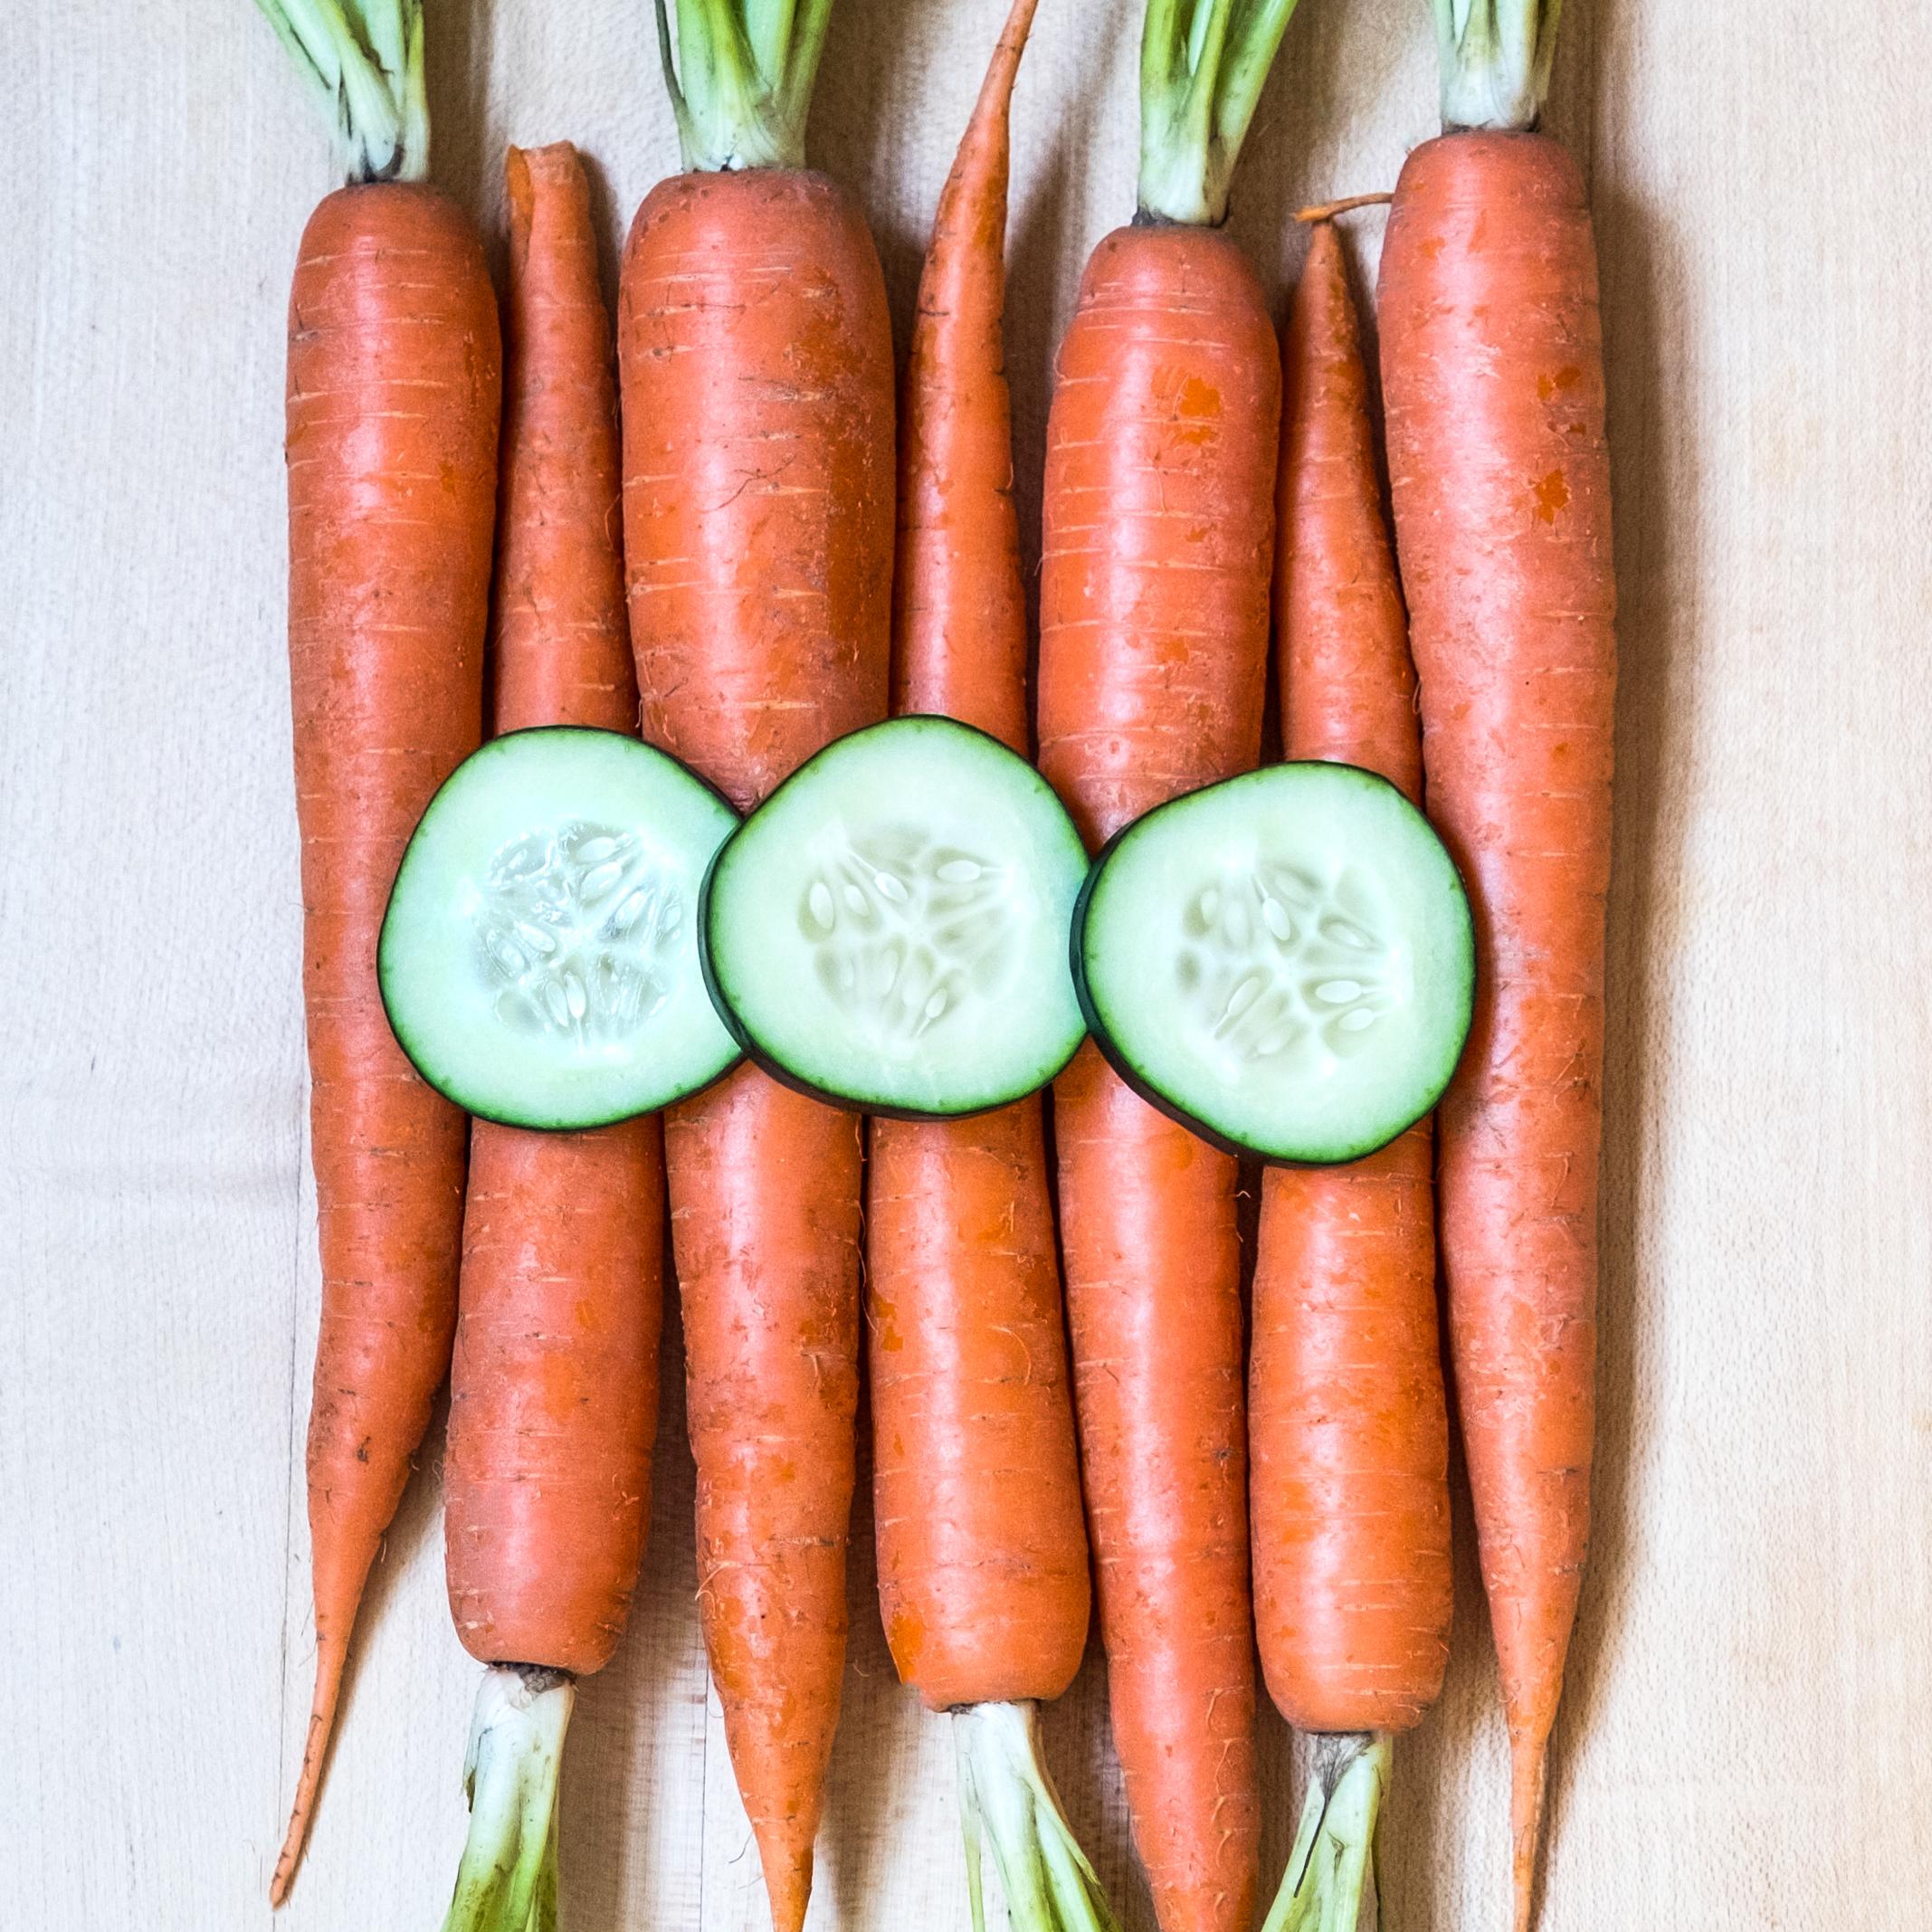 carrot cuke 1-5.jpg